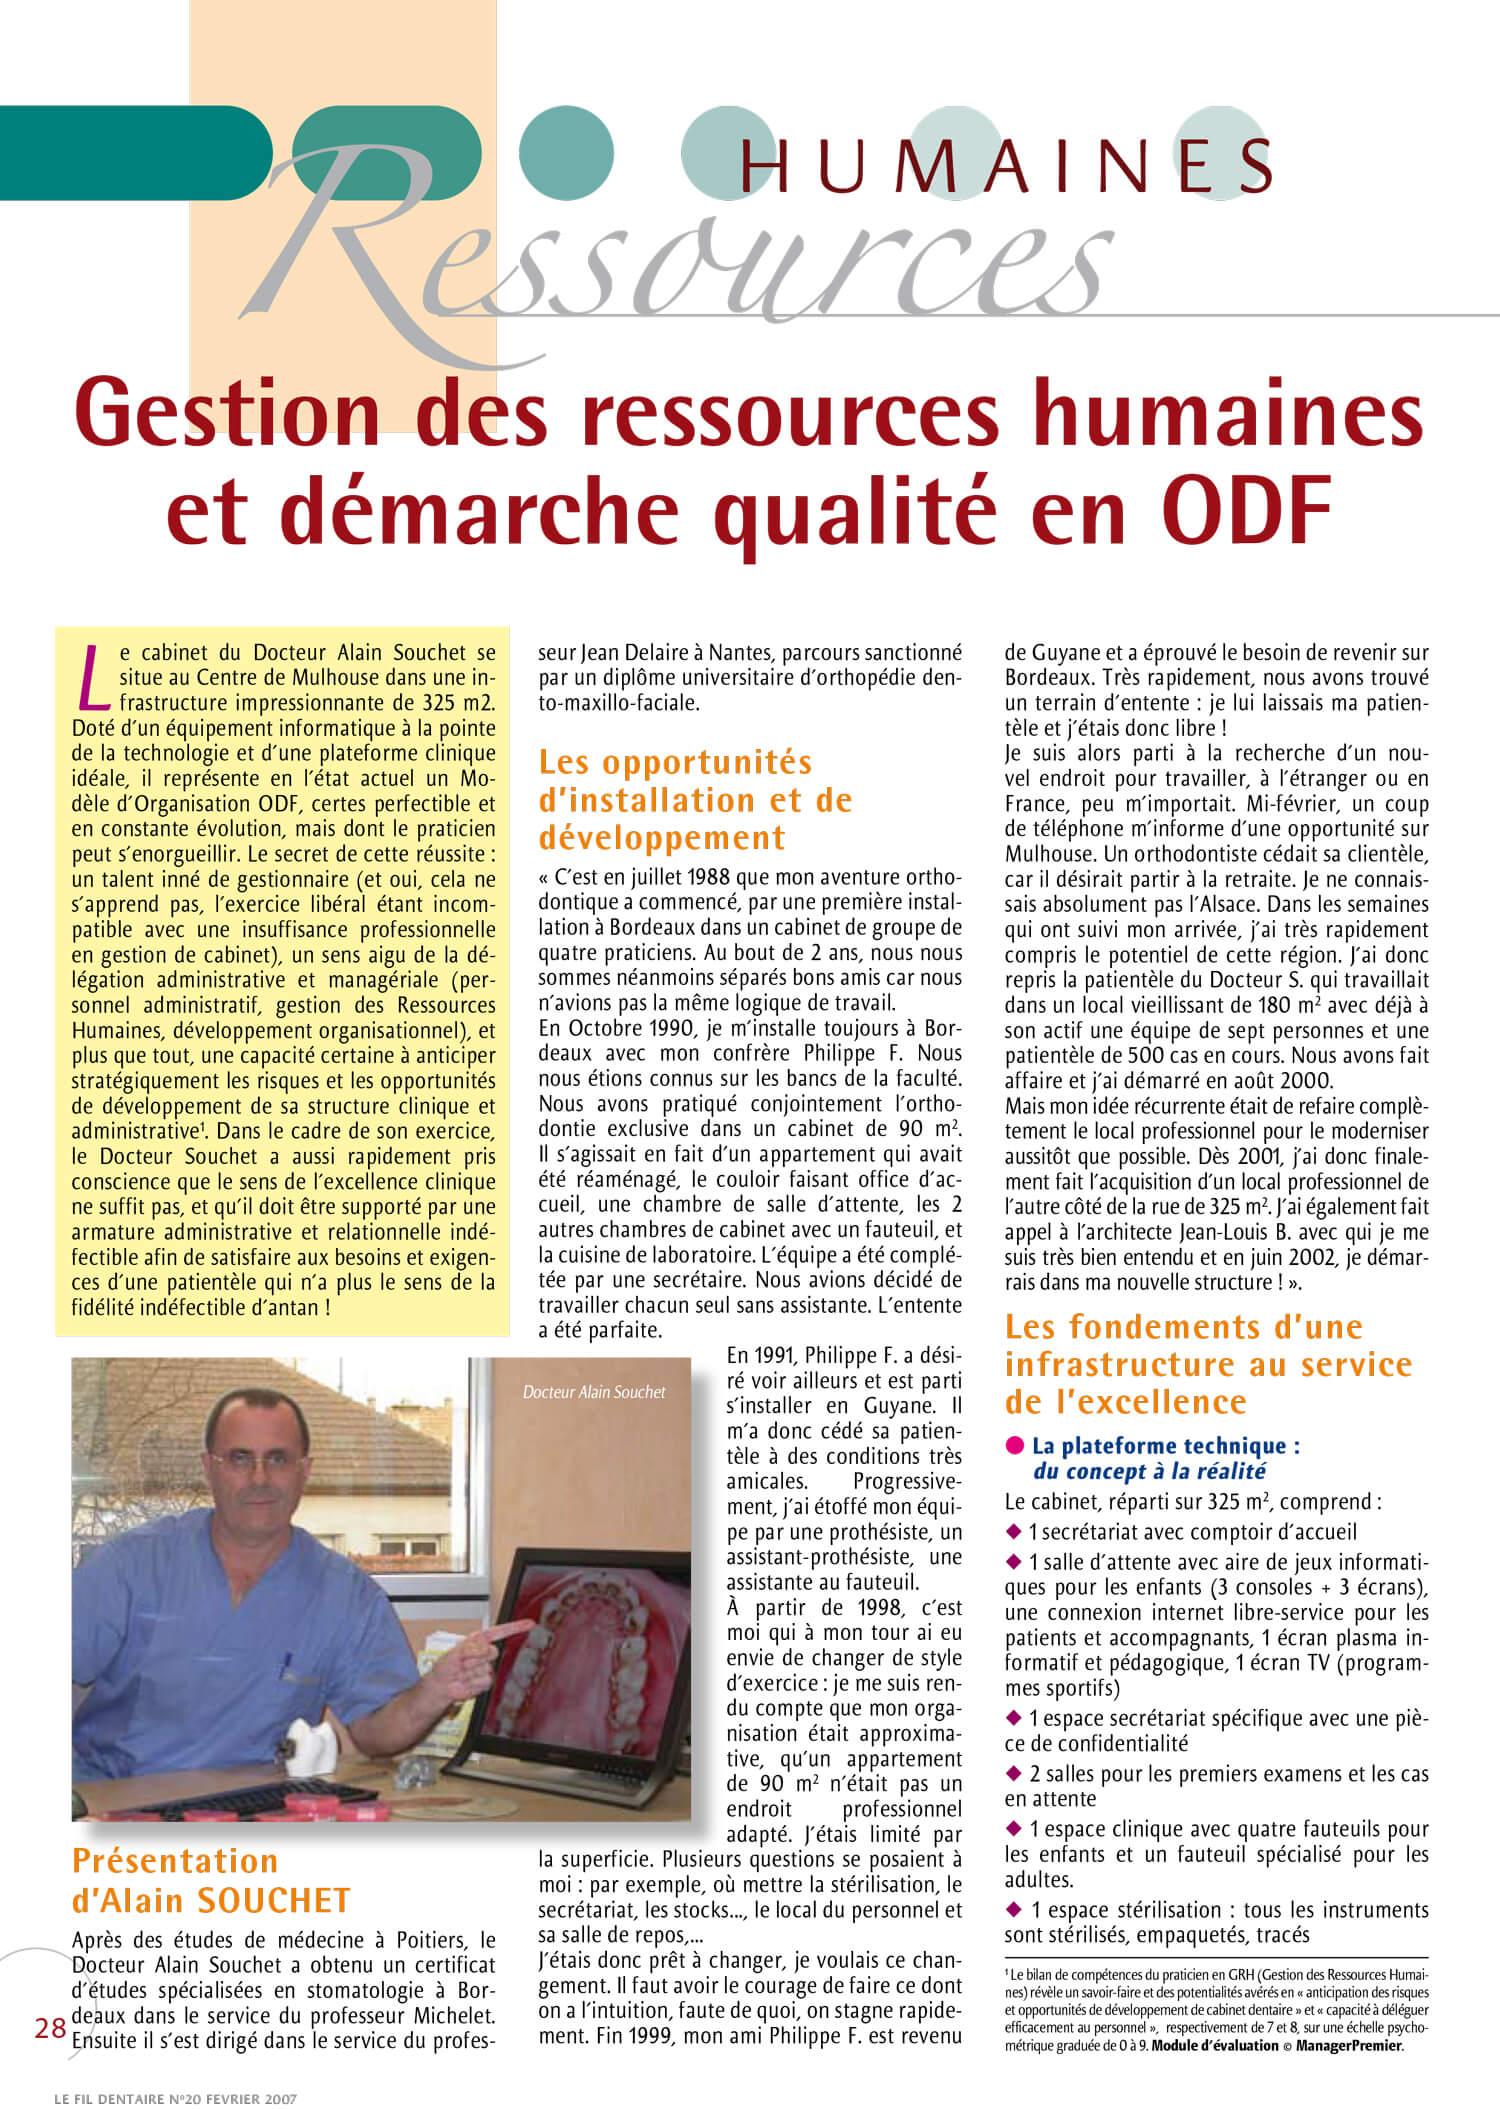 Le_Fil_Dentaire_Management_demarche_Qualite_en_ODF_Rodolphe_Cochet.jpg